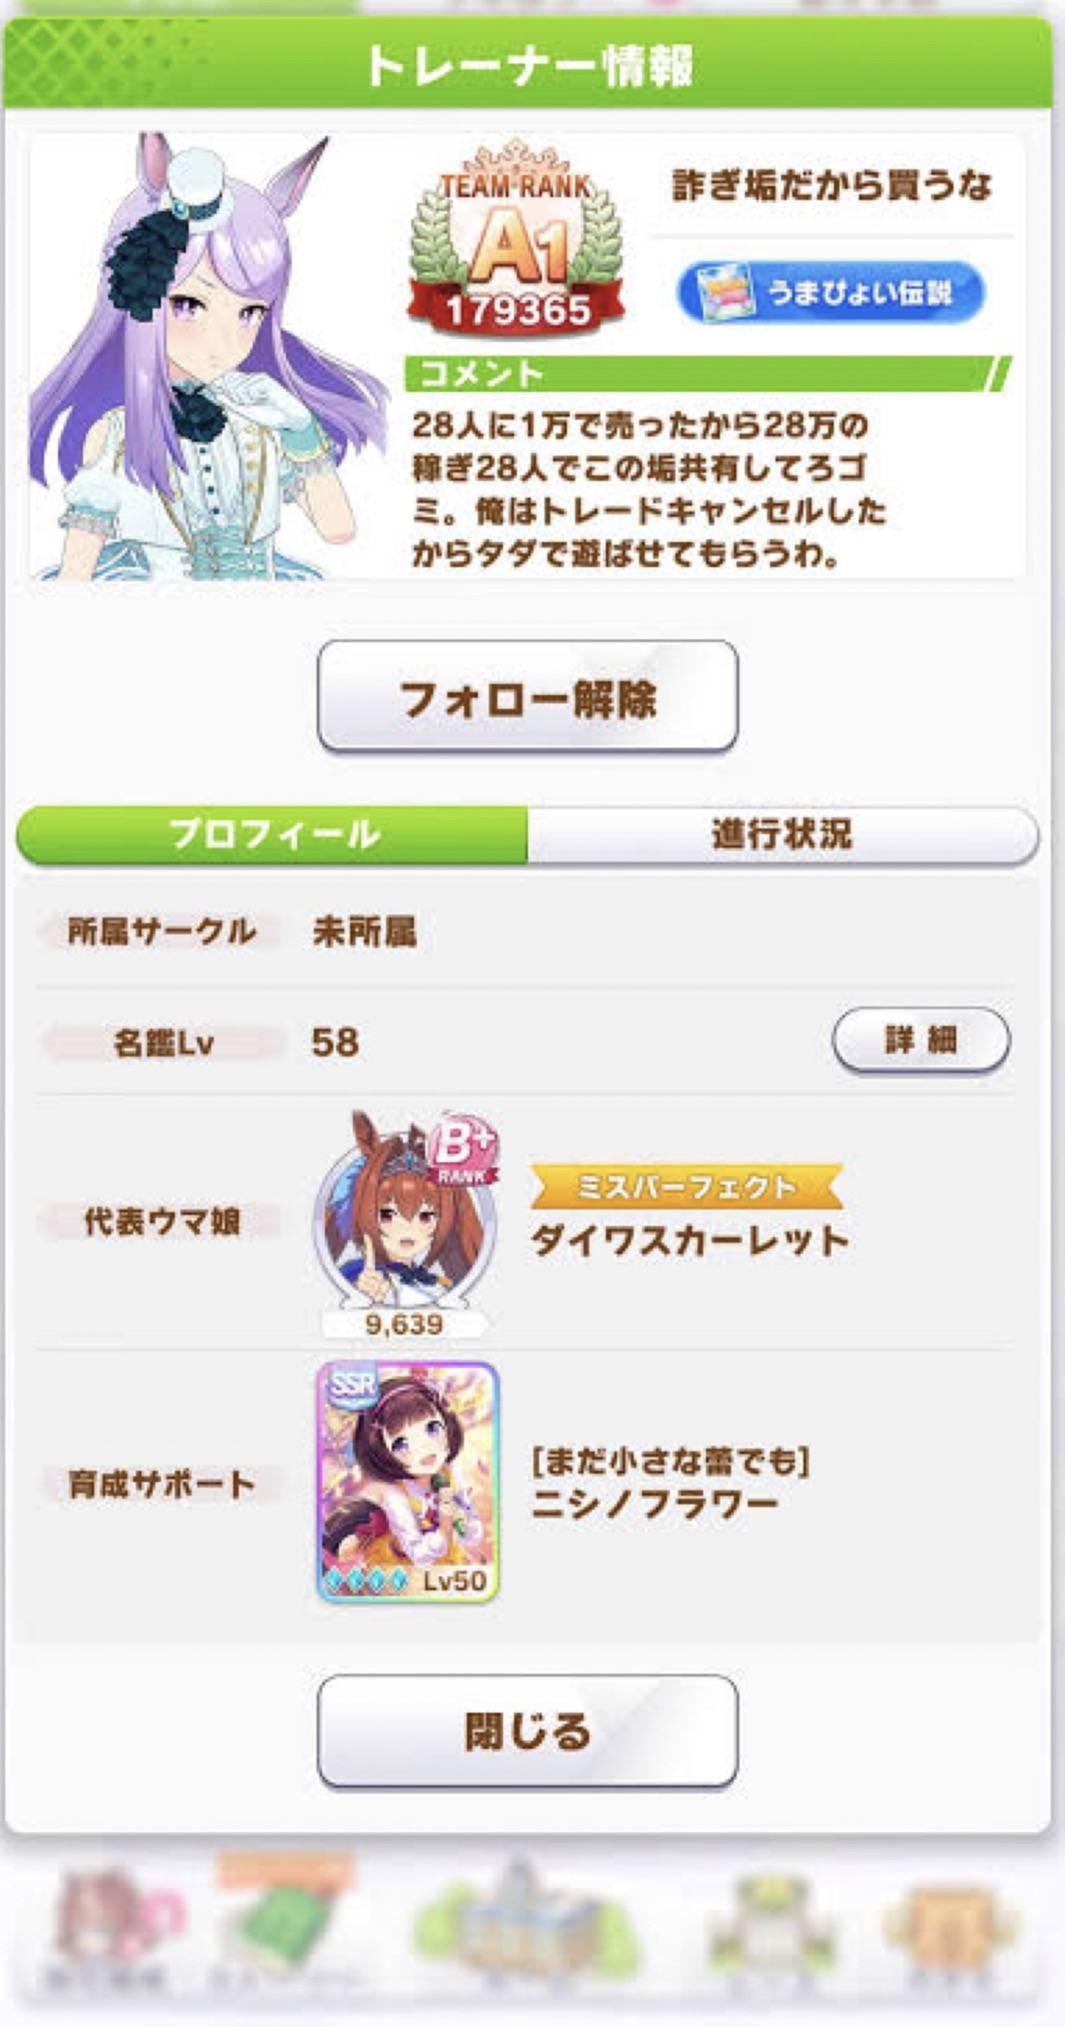 【ネタ】このゲームでアカウント買うとか正気か!?